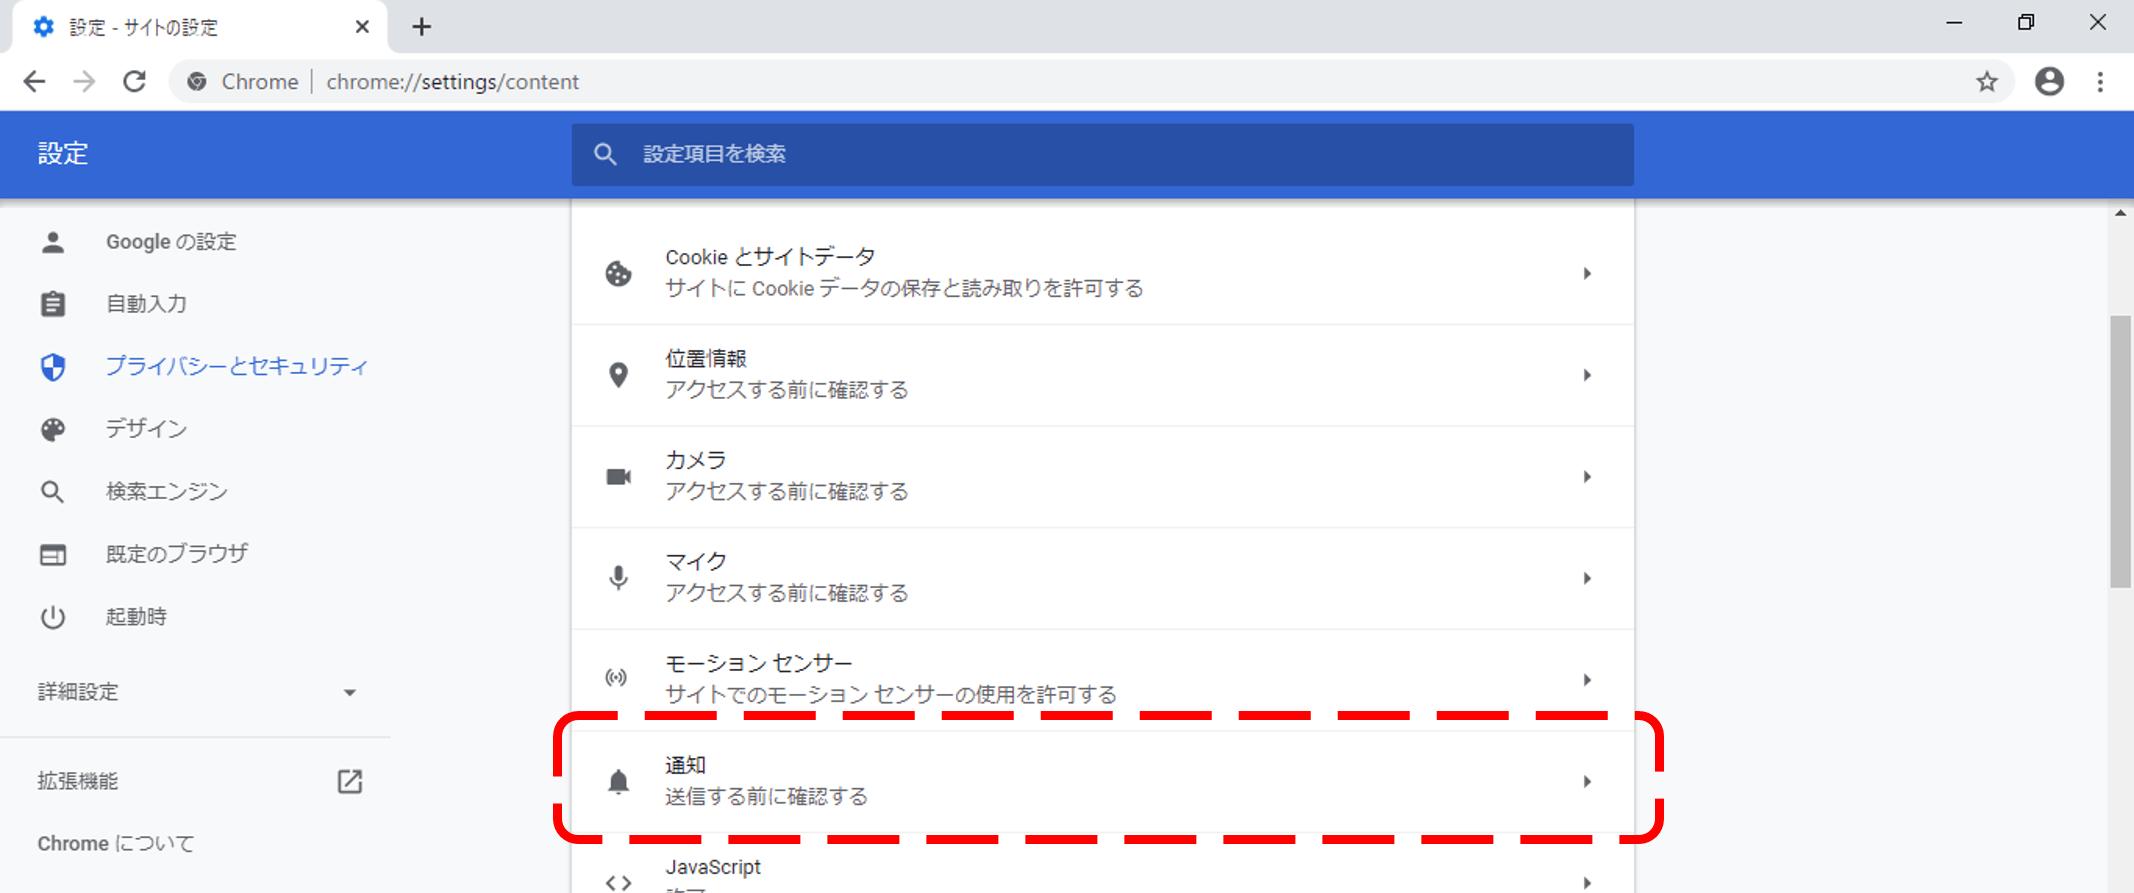 消す 東京 モーション 広告